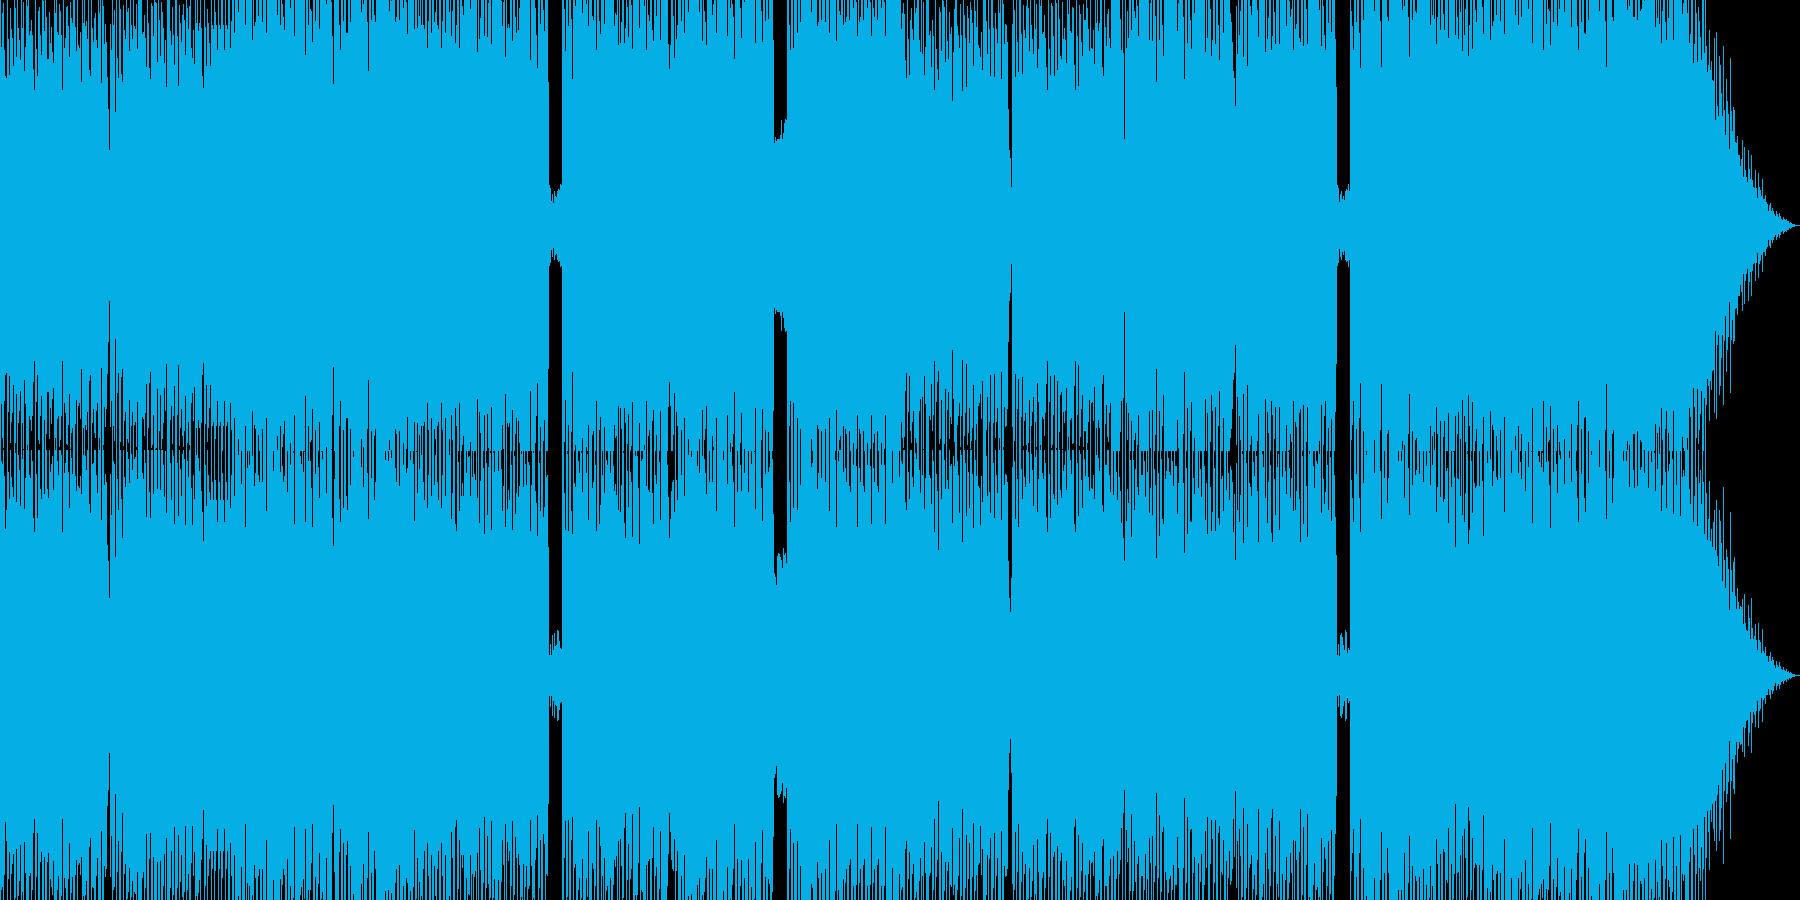 激しいデジロック調BGMの再生済みの波形